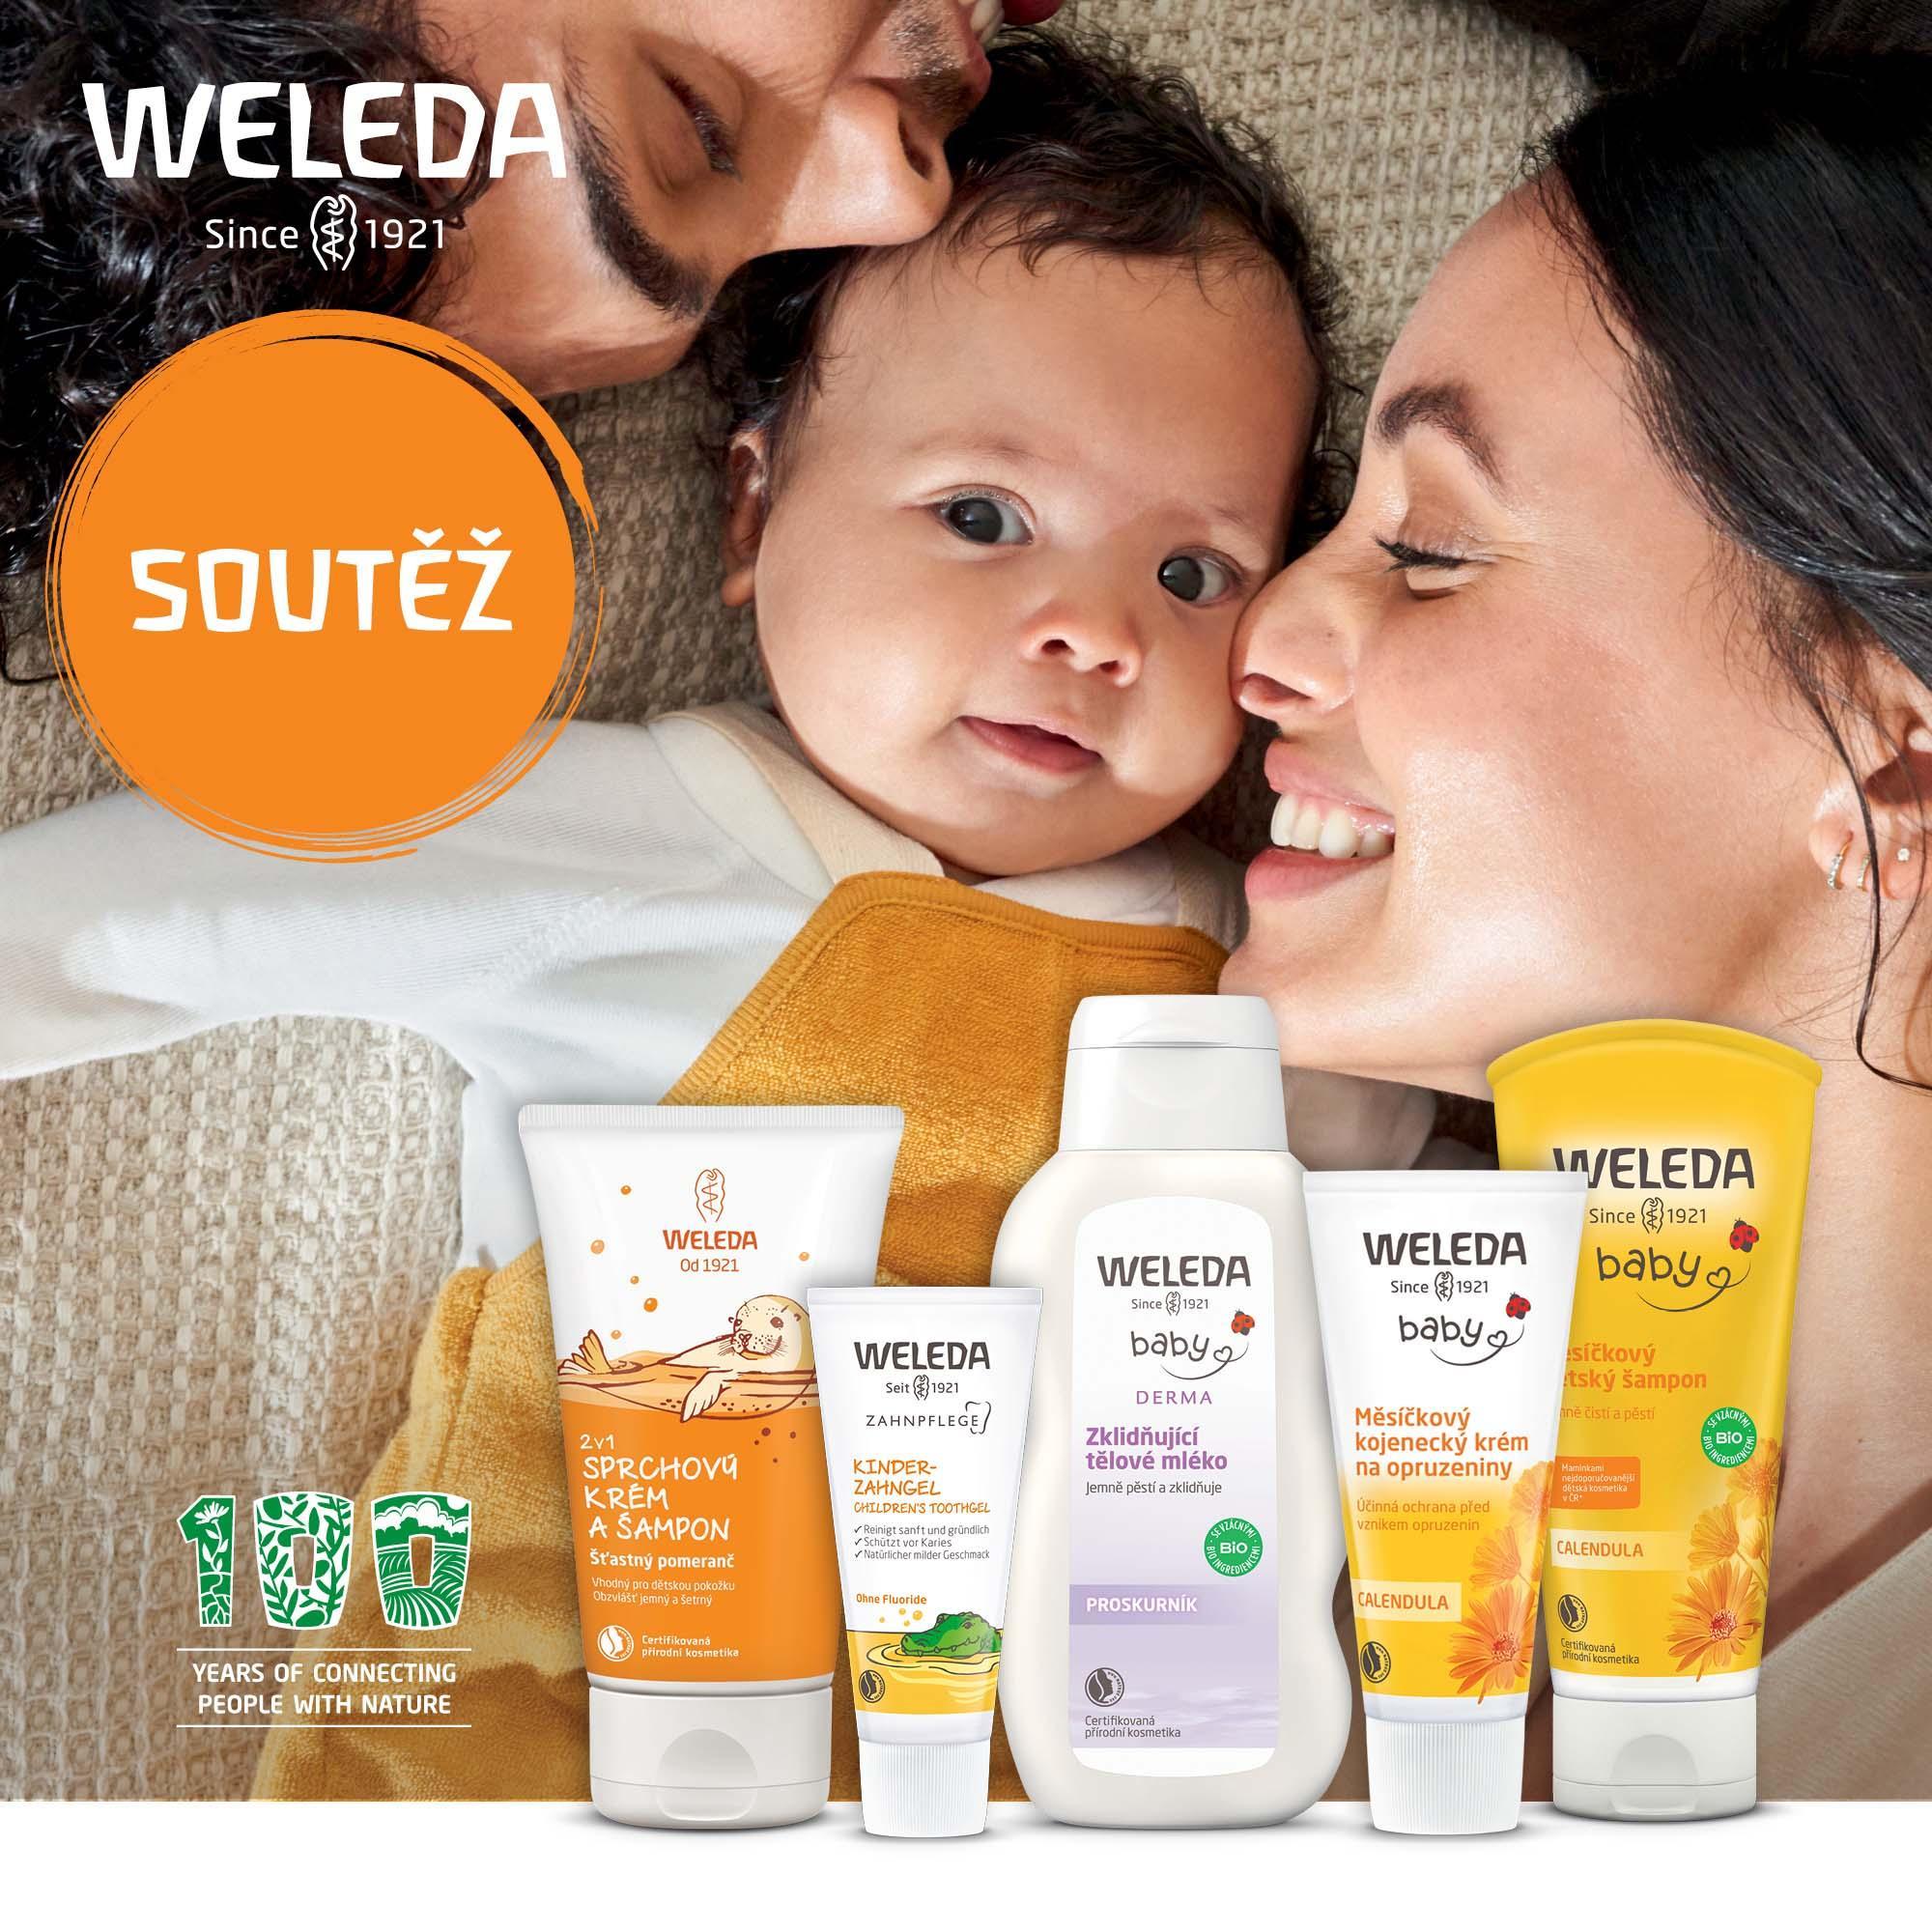 Soutěž na tělovou péči pro děti od Weledy